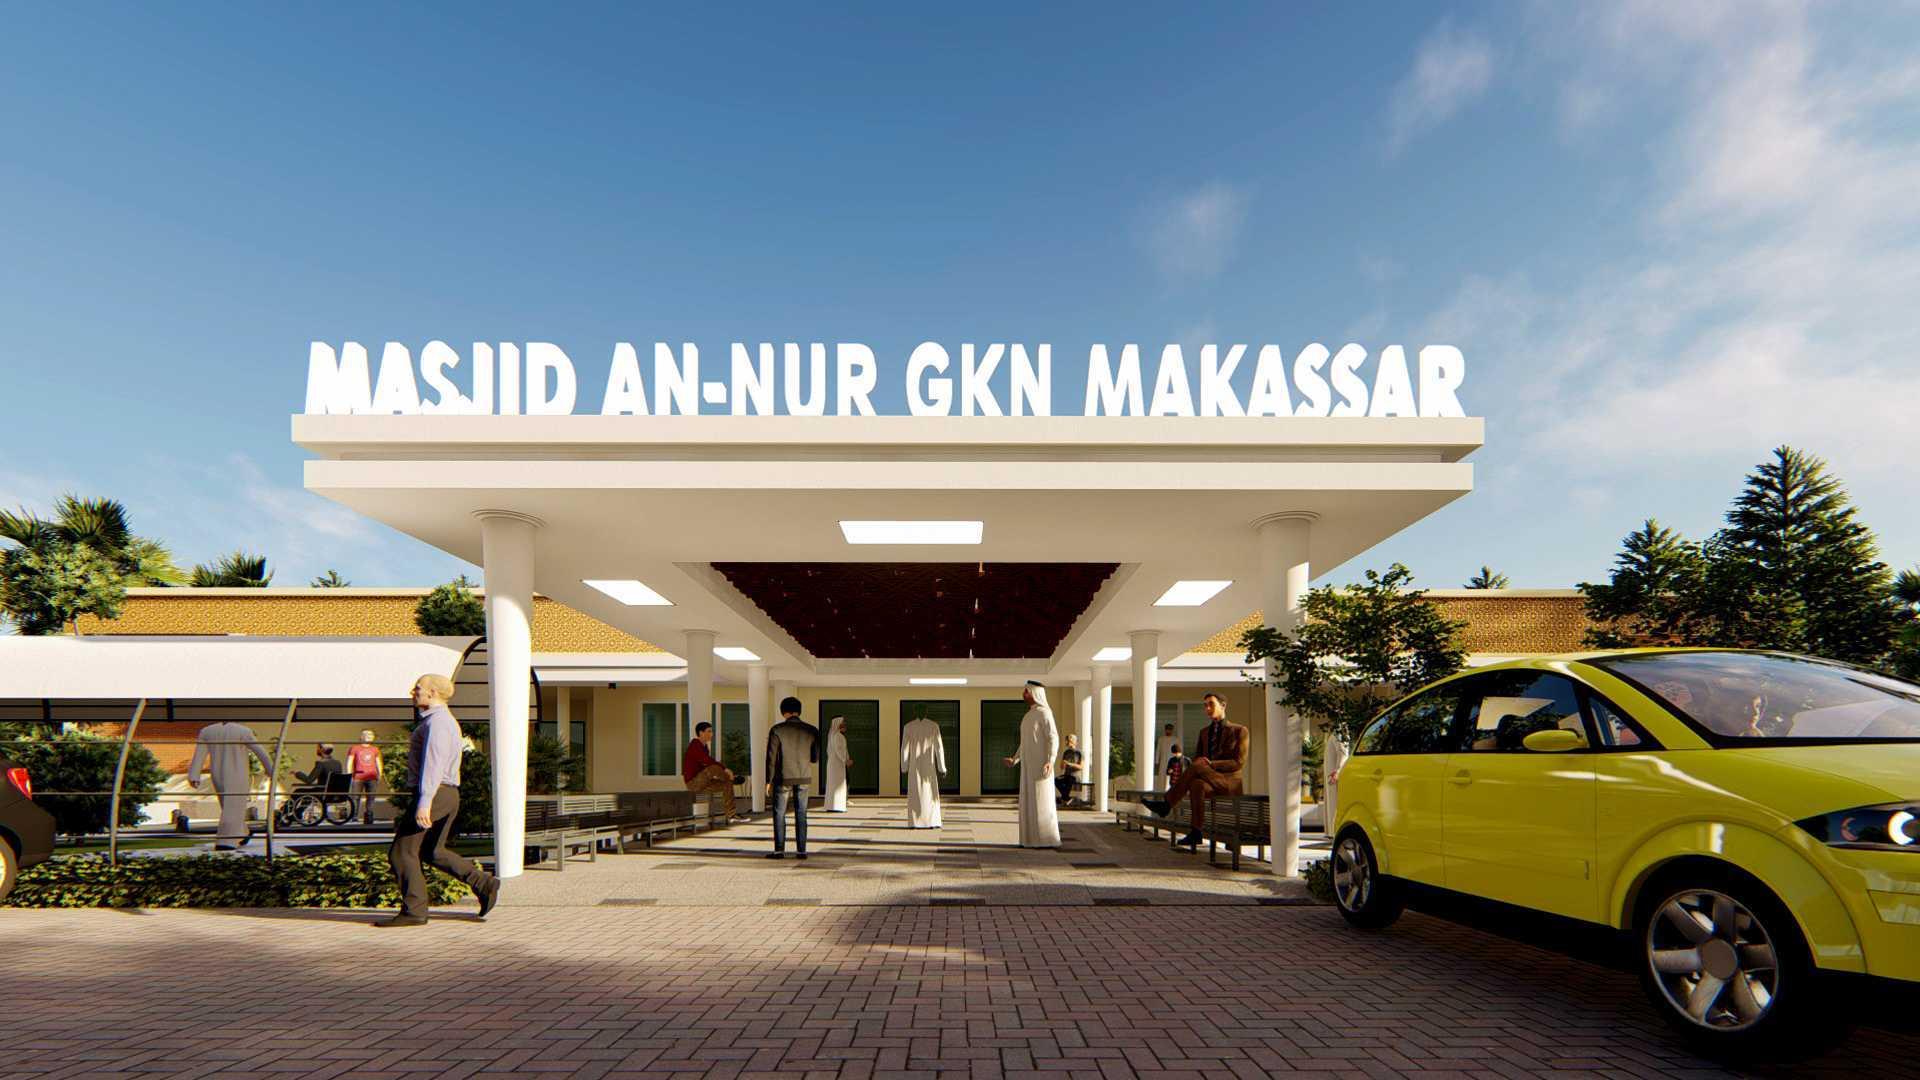 Dib Studio Masjid An-Nur Gkn Makassar, Kota Makassar, Sulawesi Selatan, Indonesia Makassar, Kota Makassar, Sulawesi Selatan, Indonesia Dib-Studio-Masjid-An-Nur-Gkn  85872